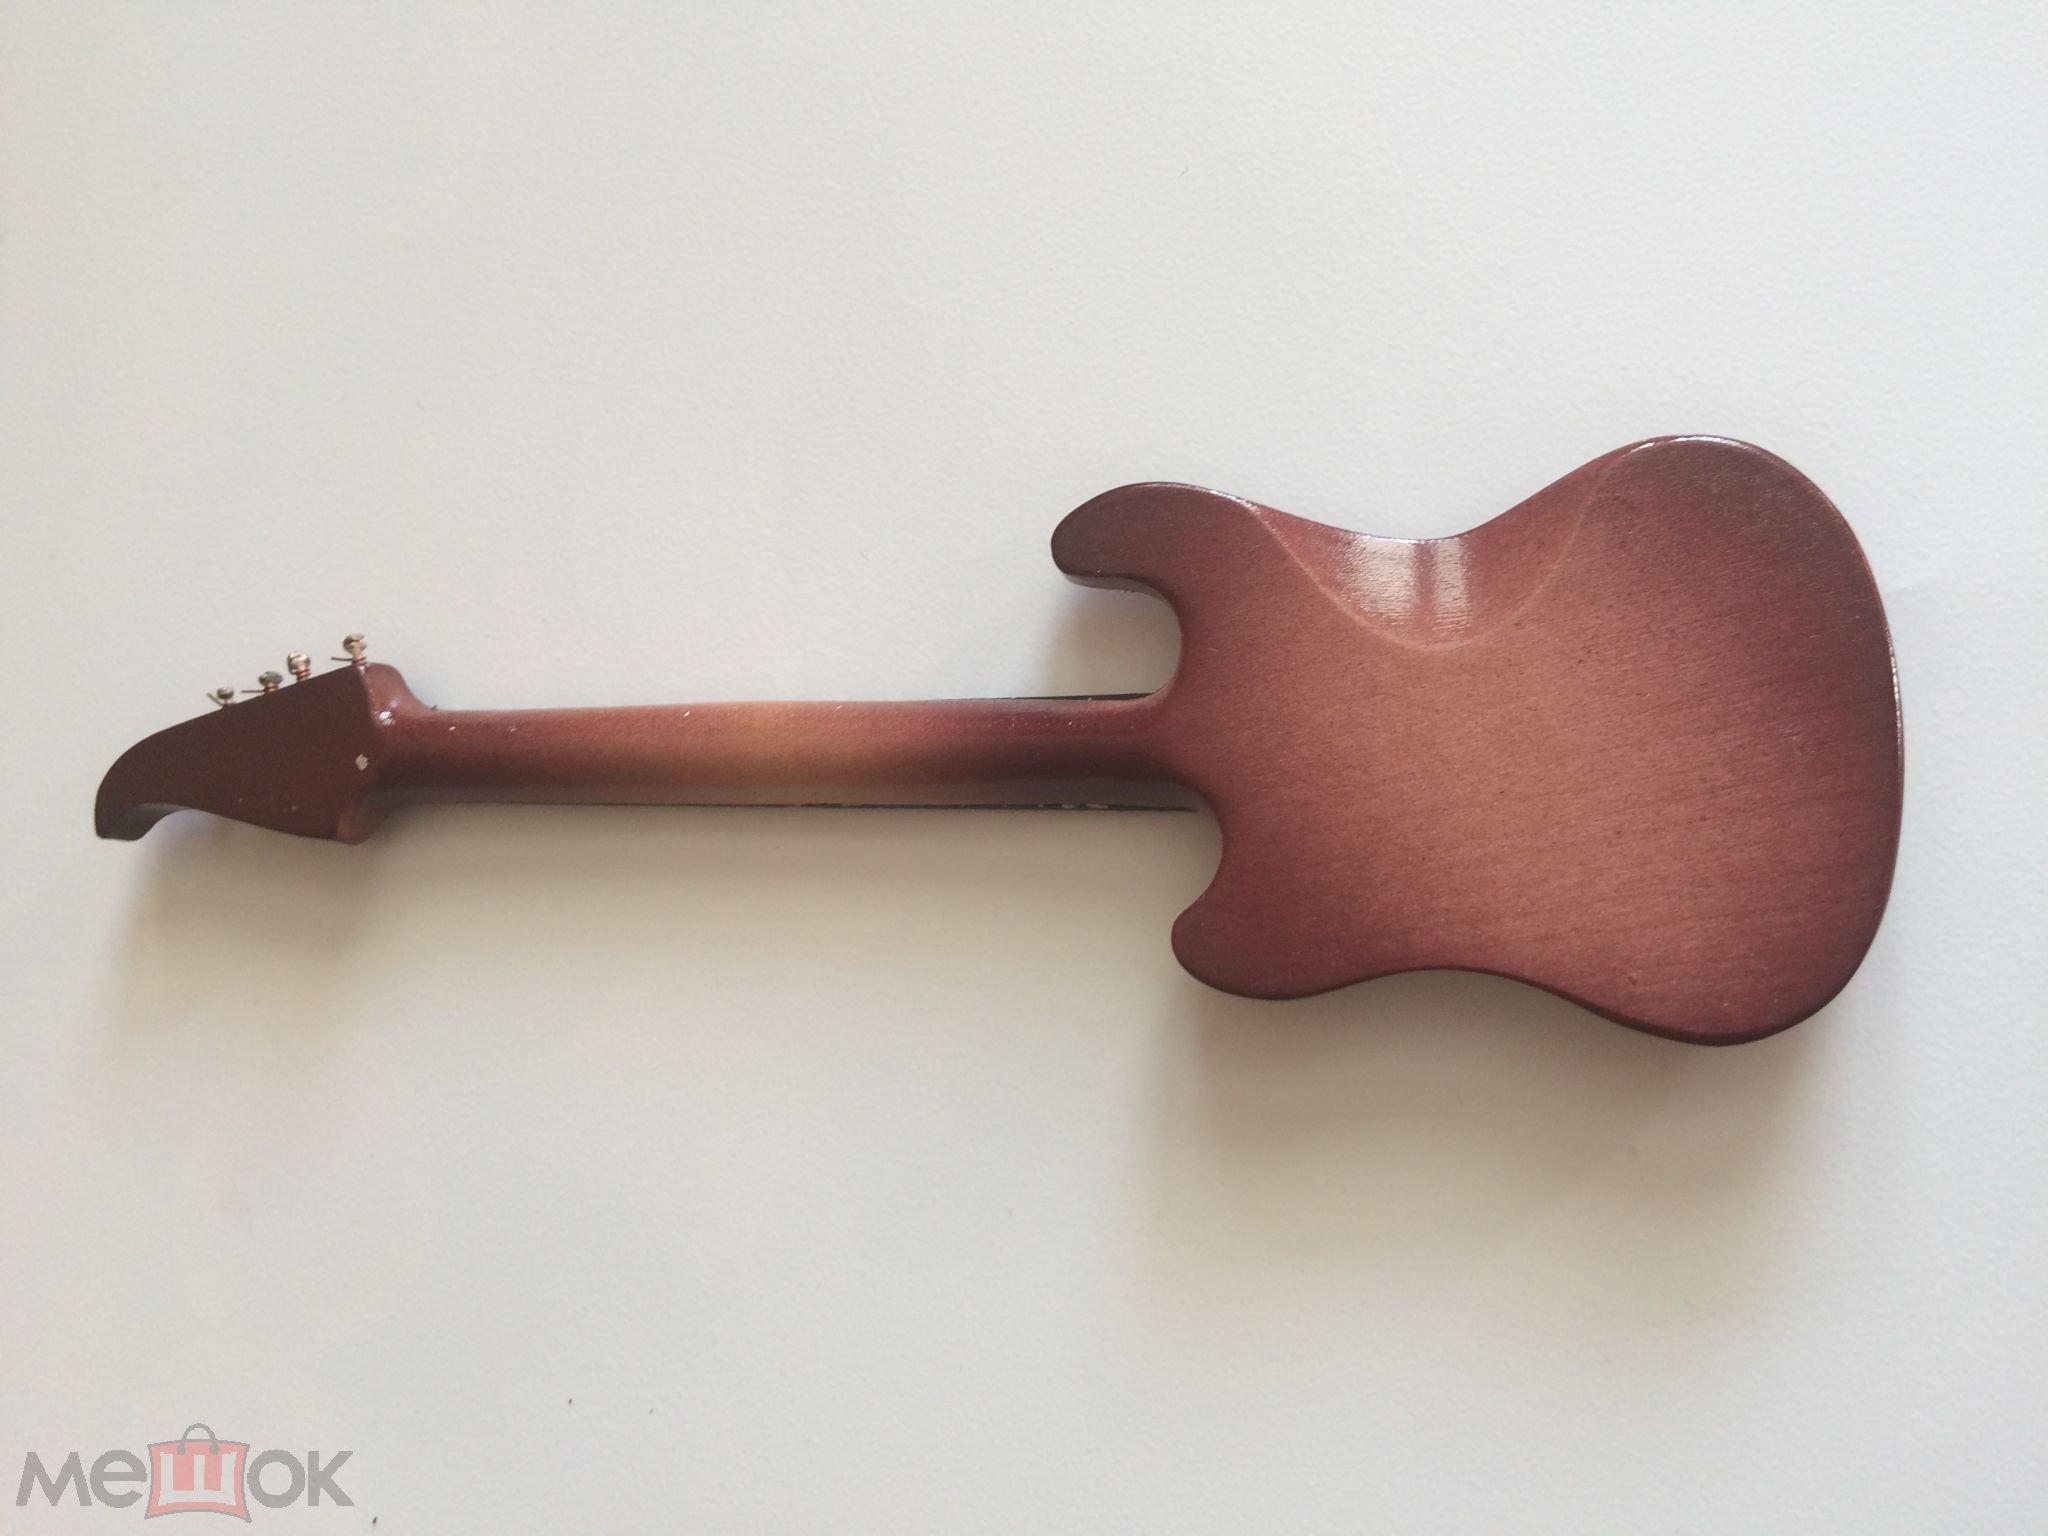 Коллекционный музыкальный инструмент электро гитара 2 в миниатюре отличная